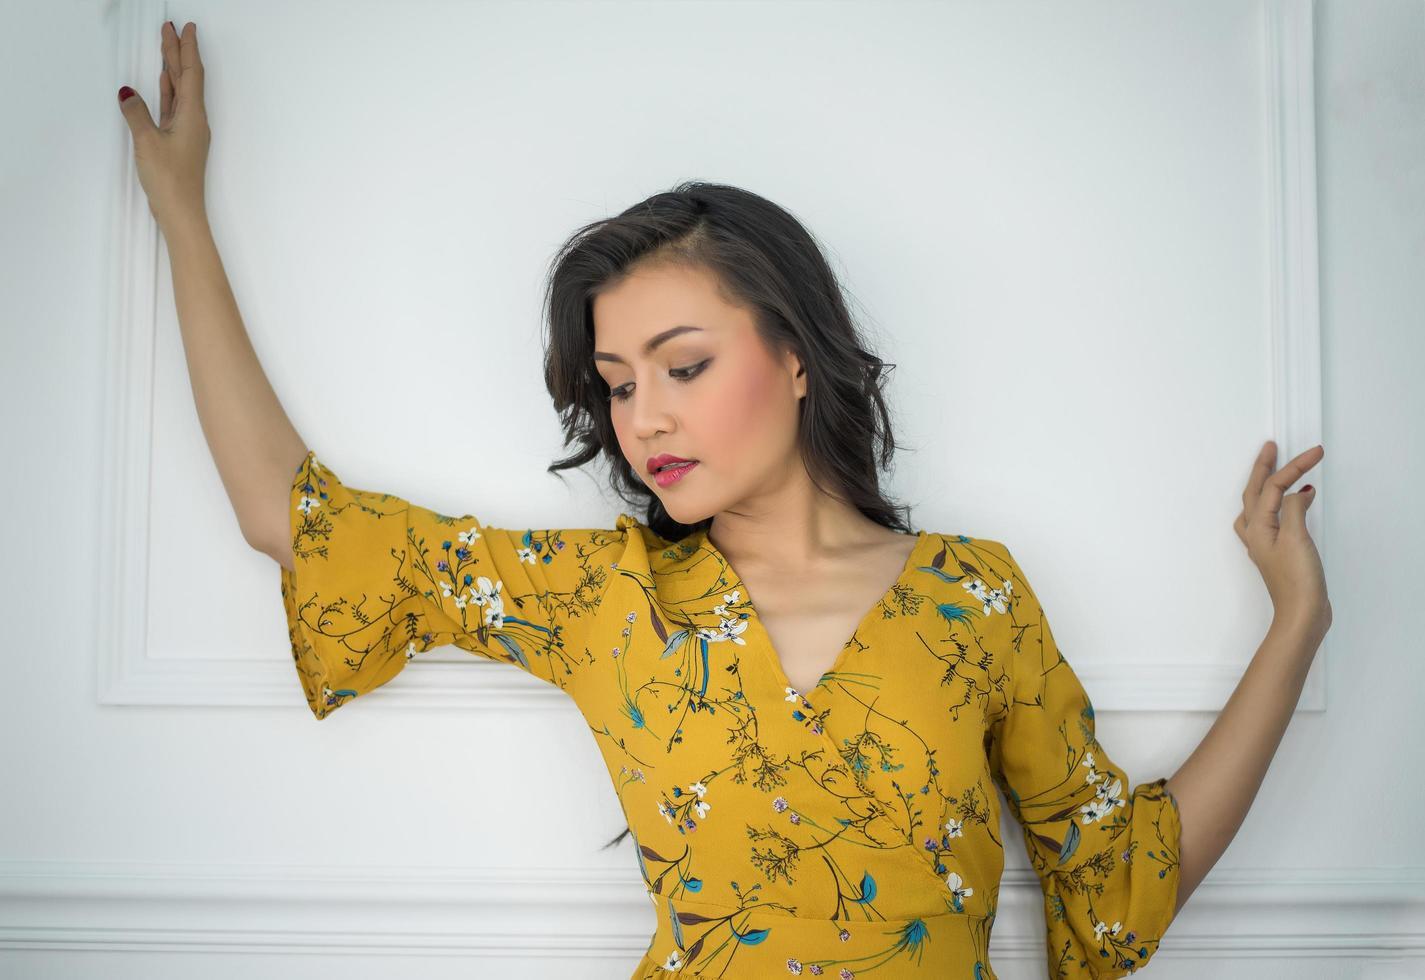 porträtt av en kvinna på vit bakgrund foto